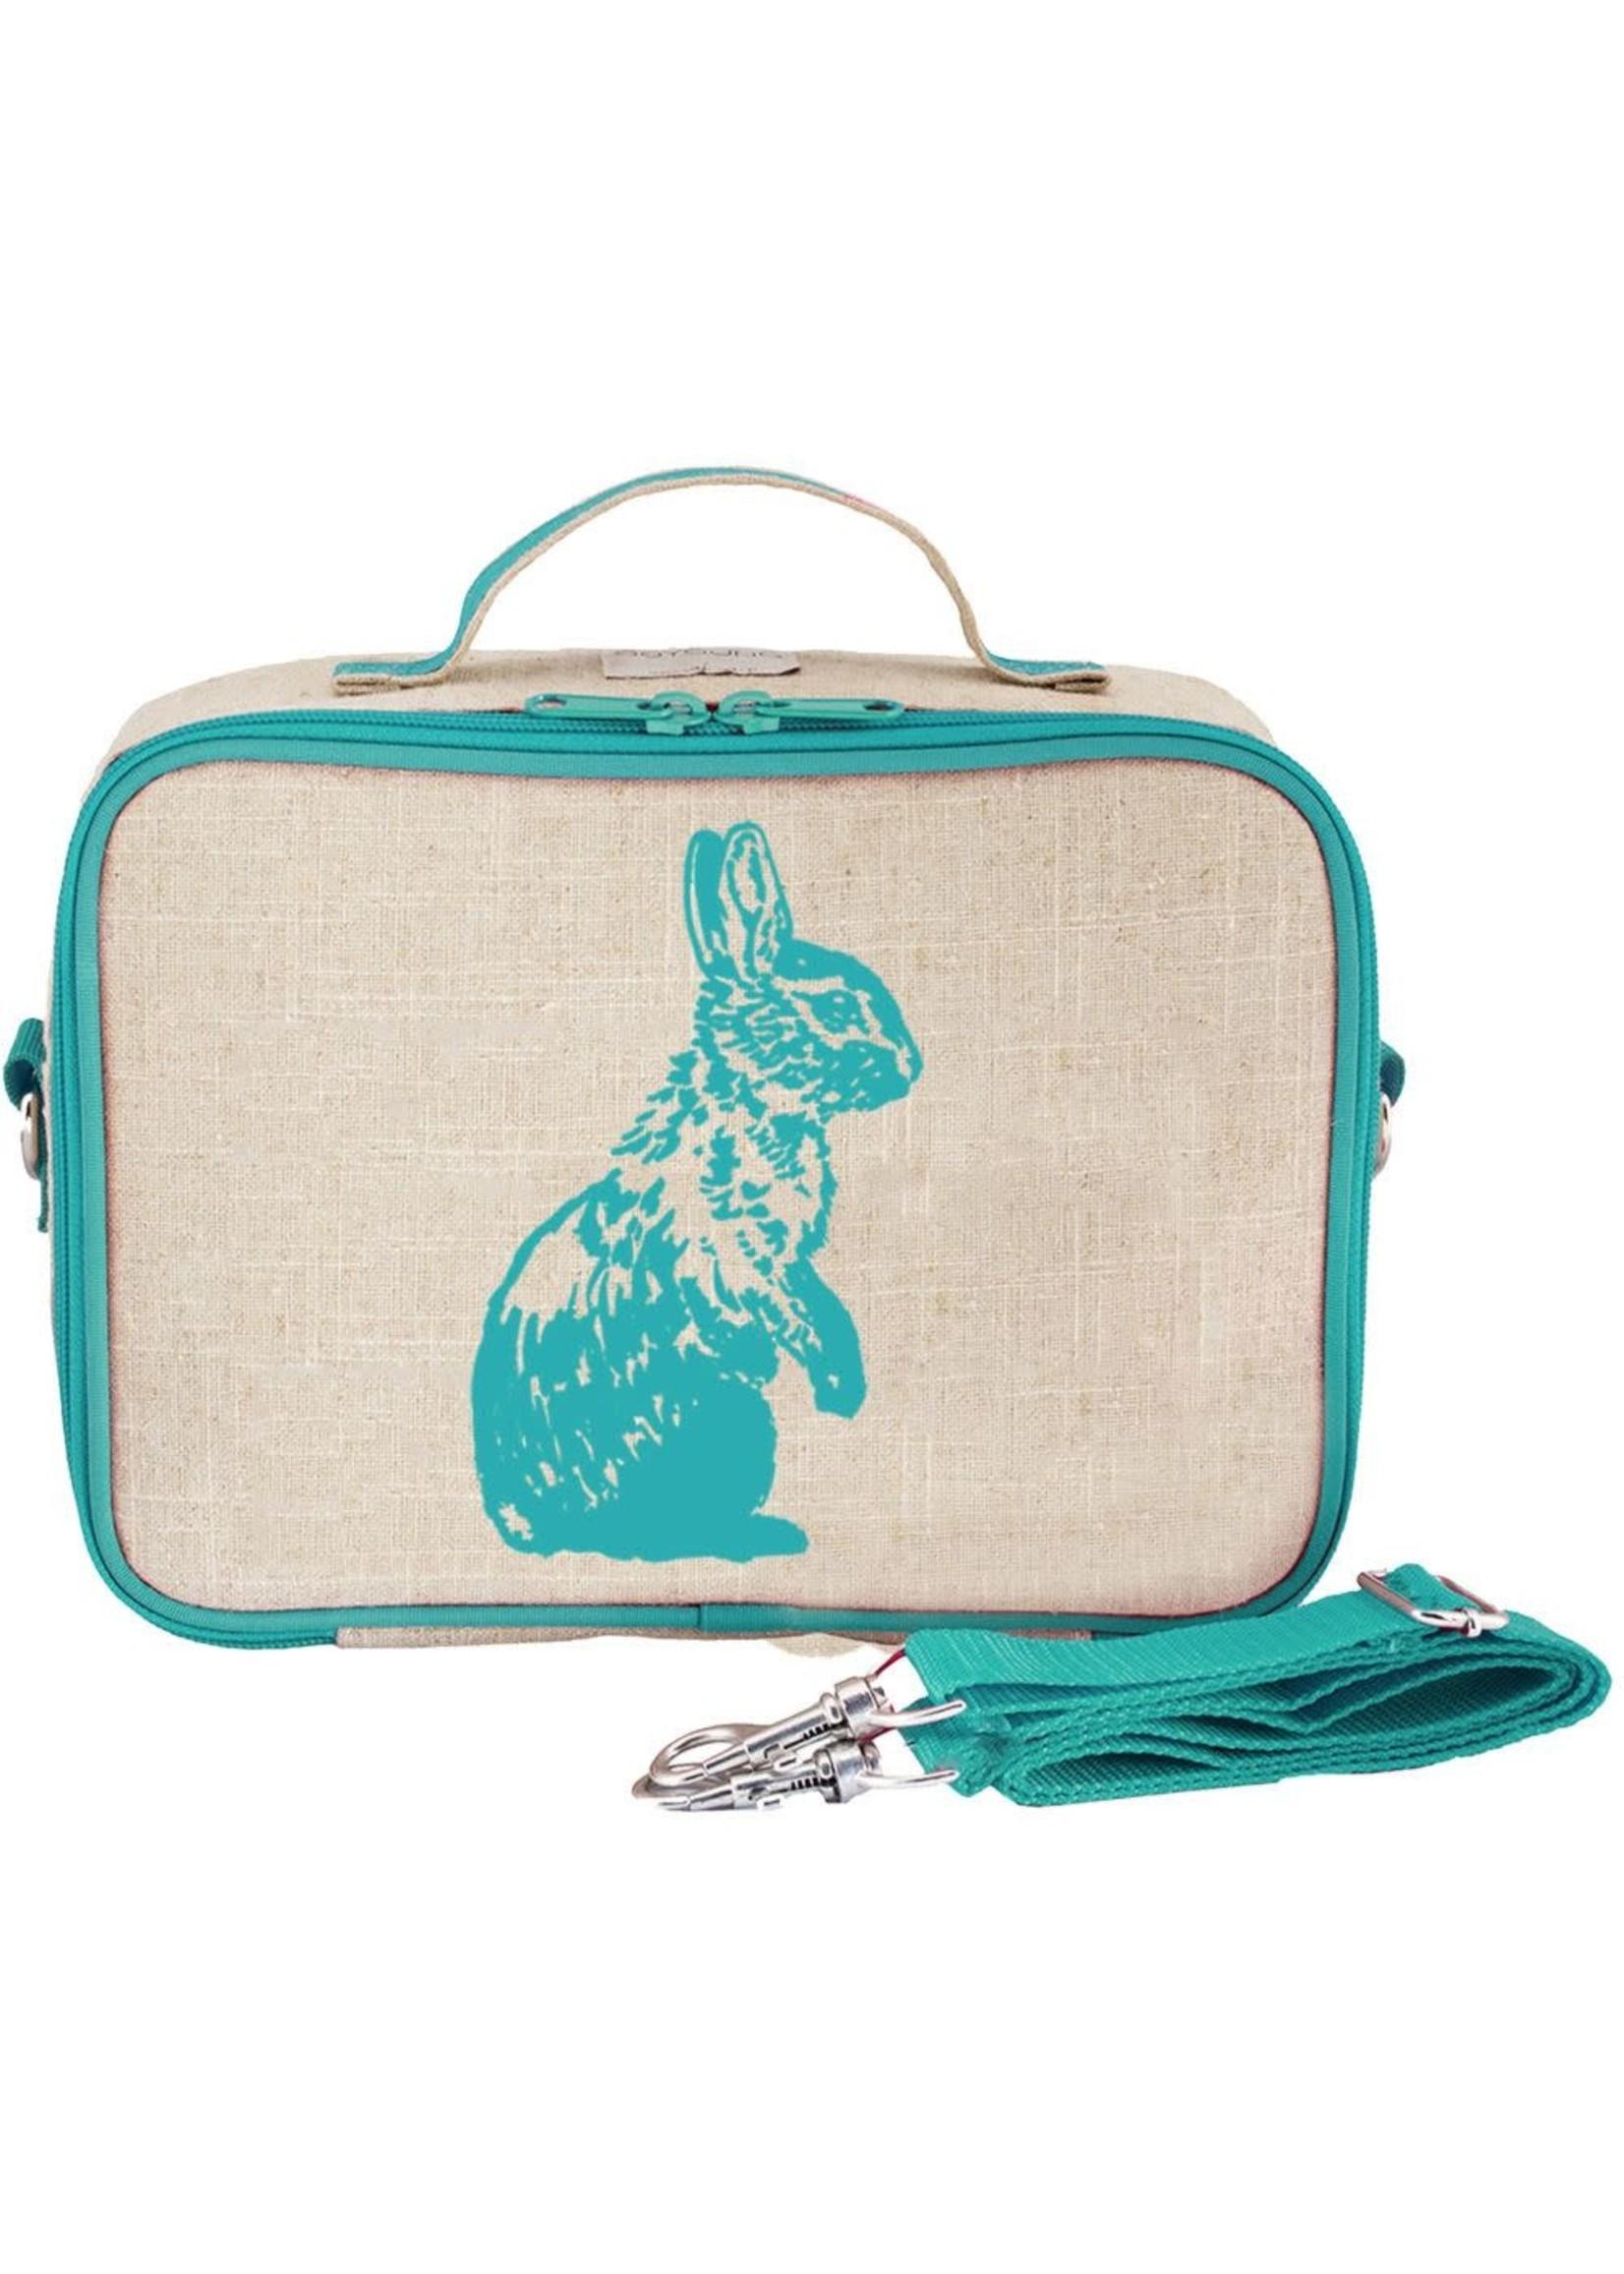 SoYoung SoYoung Lunchbag (Aqua Bunny)